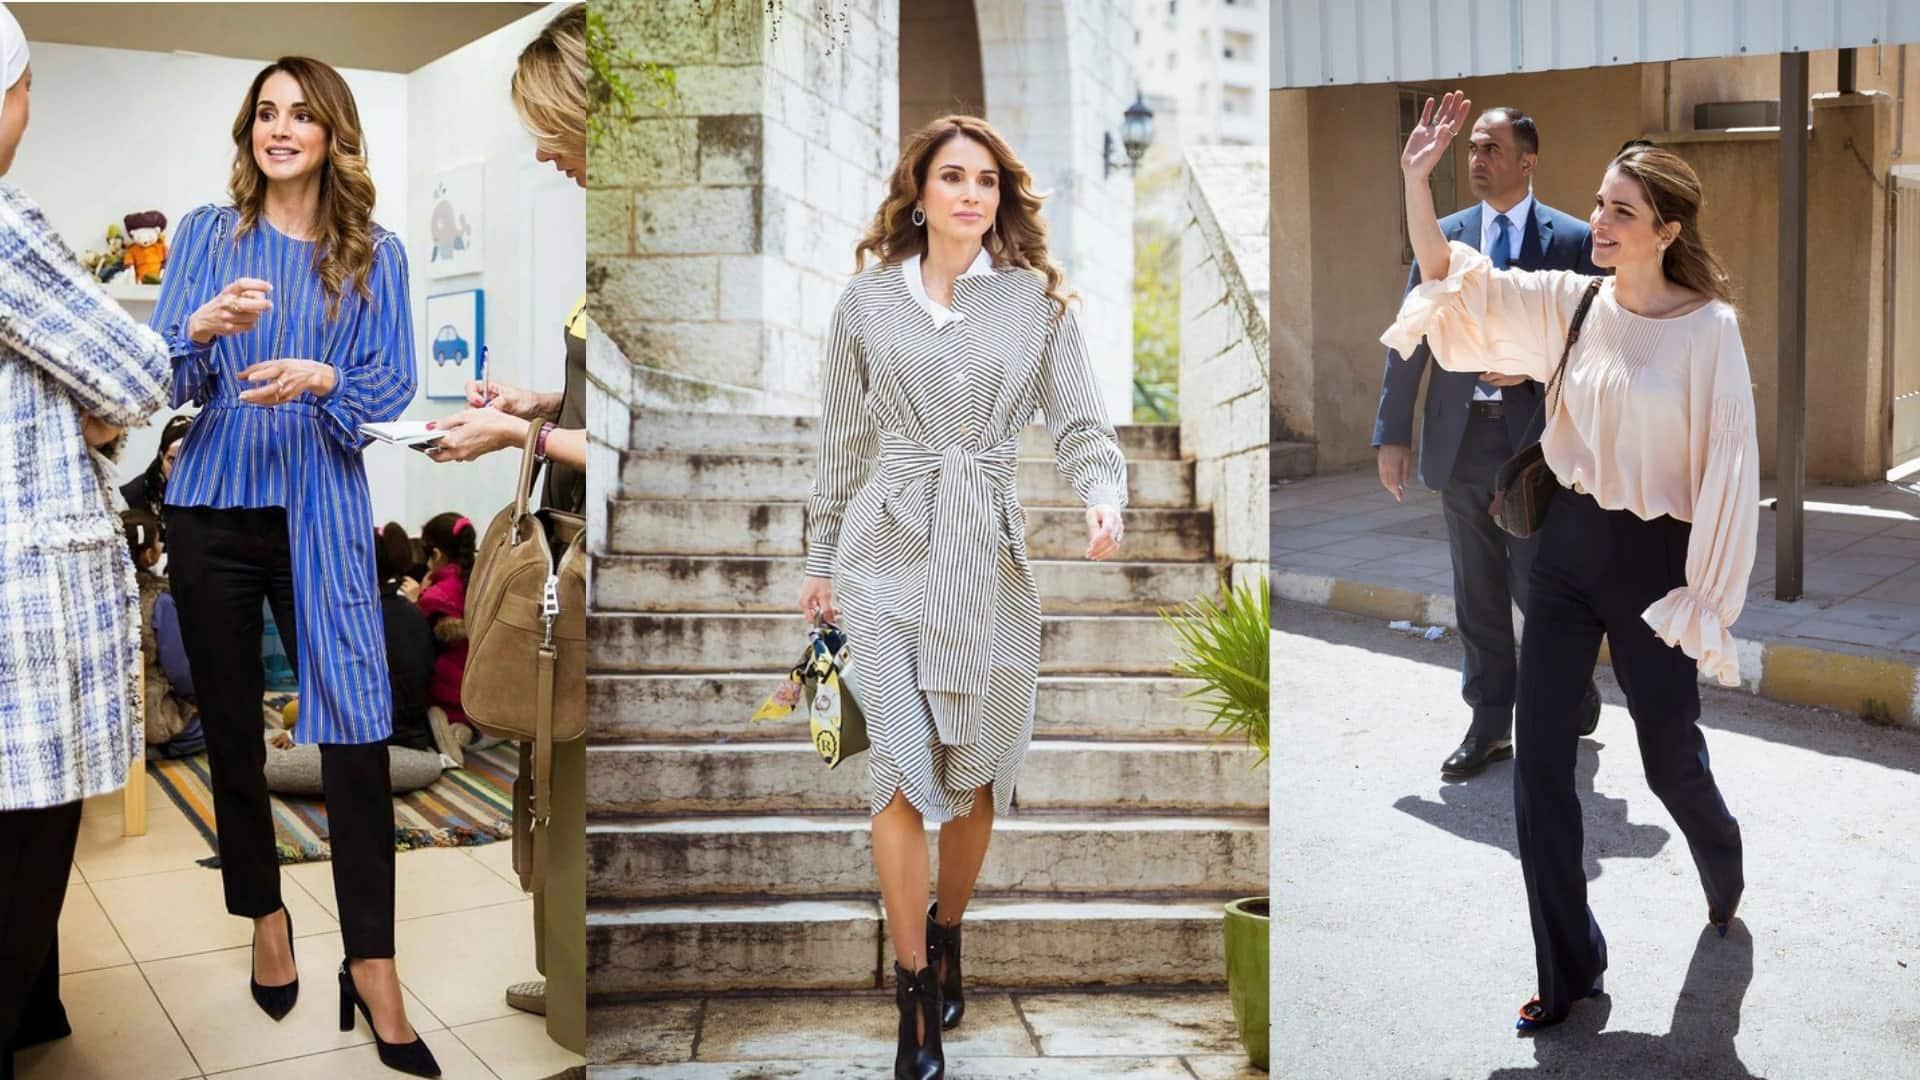 Gọi tên những biểu tượng thời trang Hoàng gia thế giới, có người mặc đẹp lấn át Công nương Kate - 9